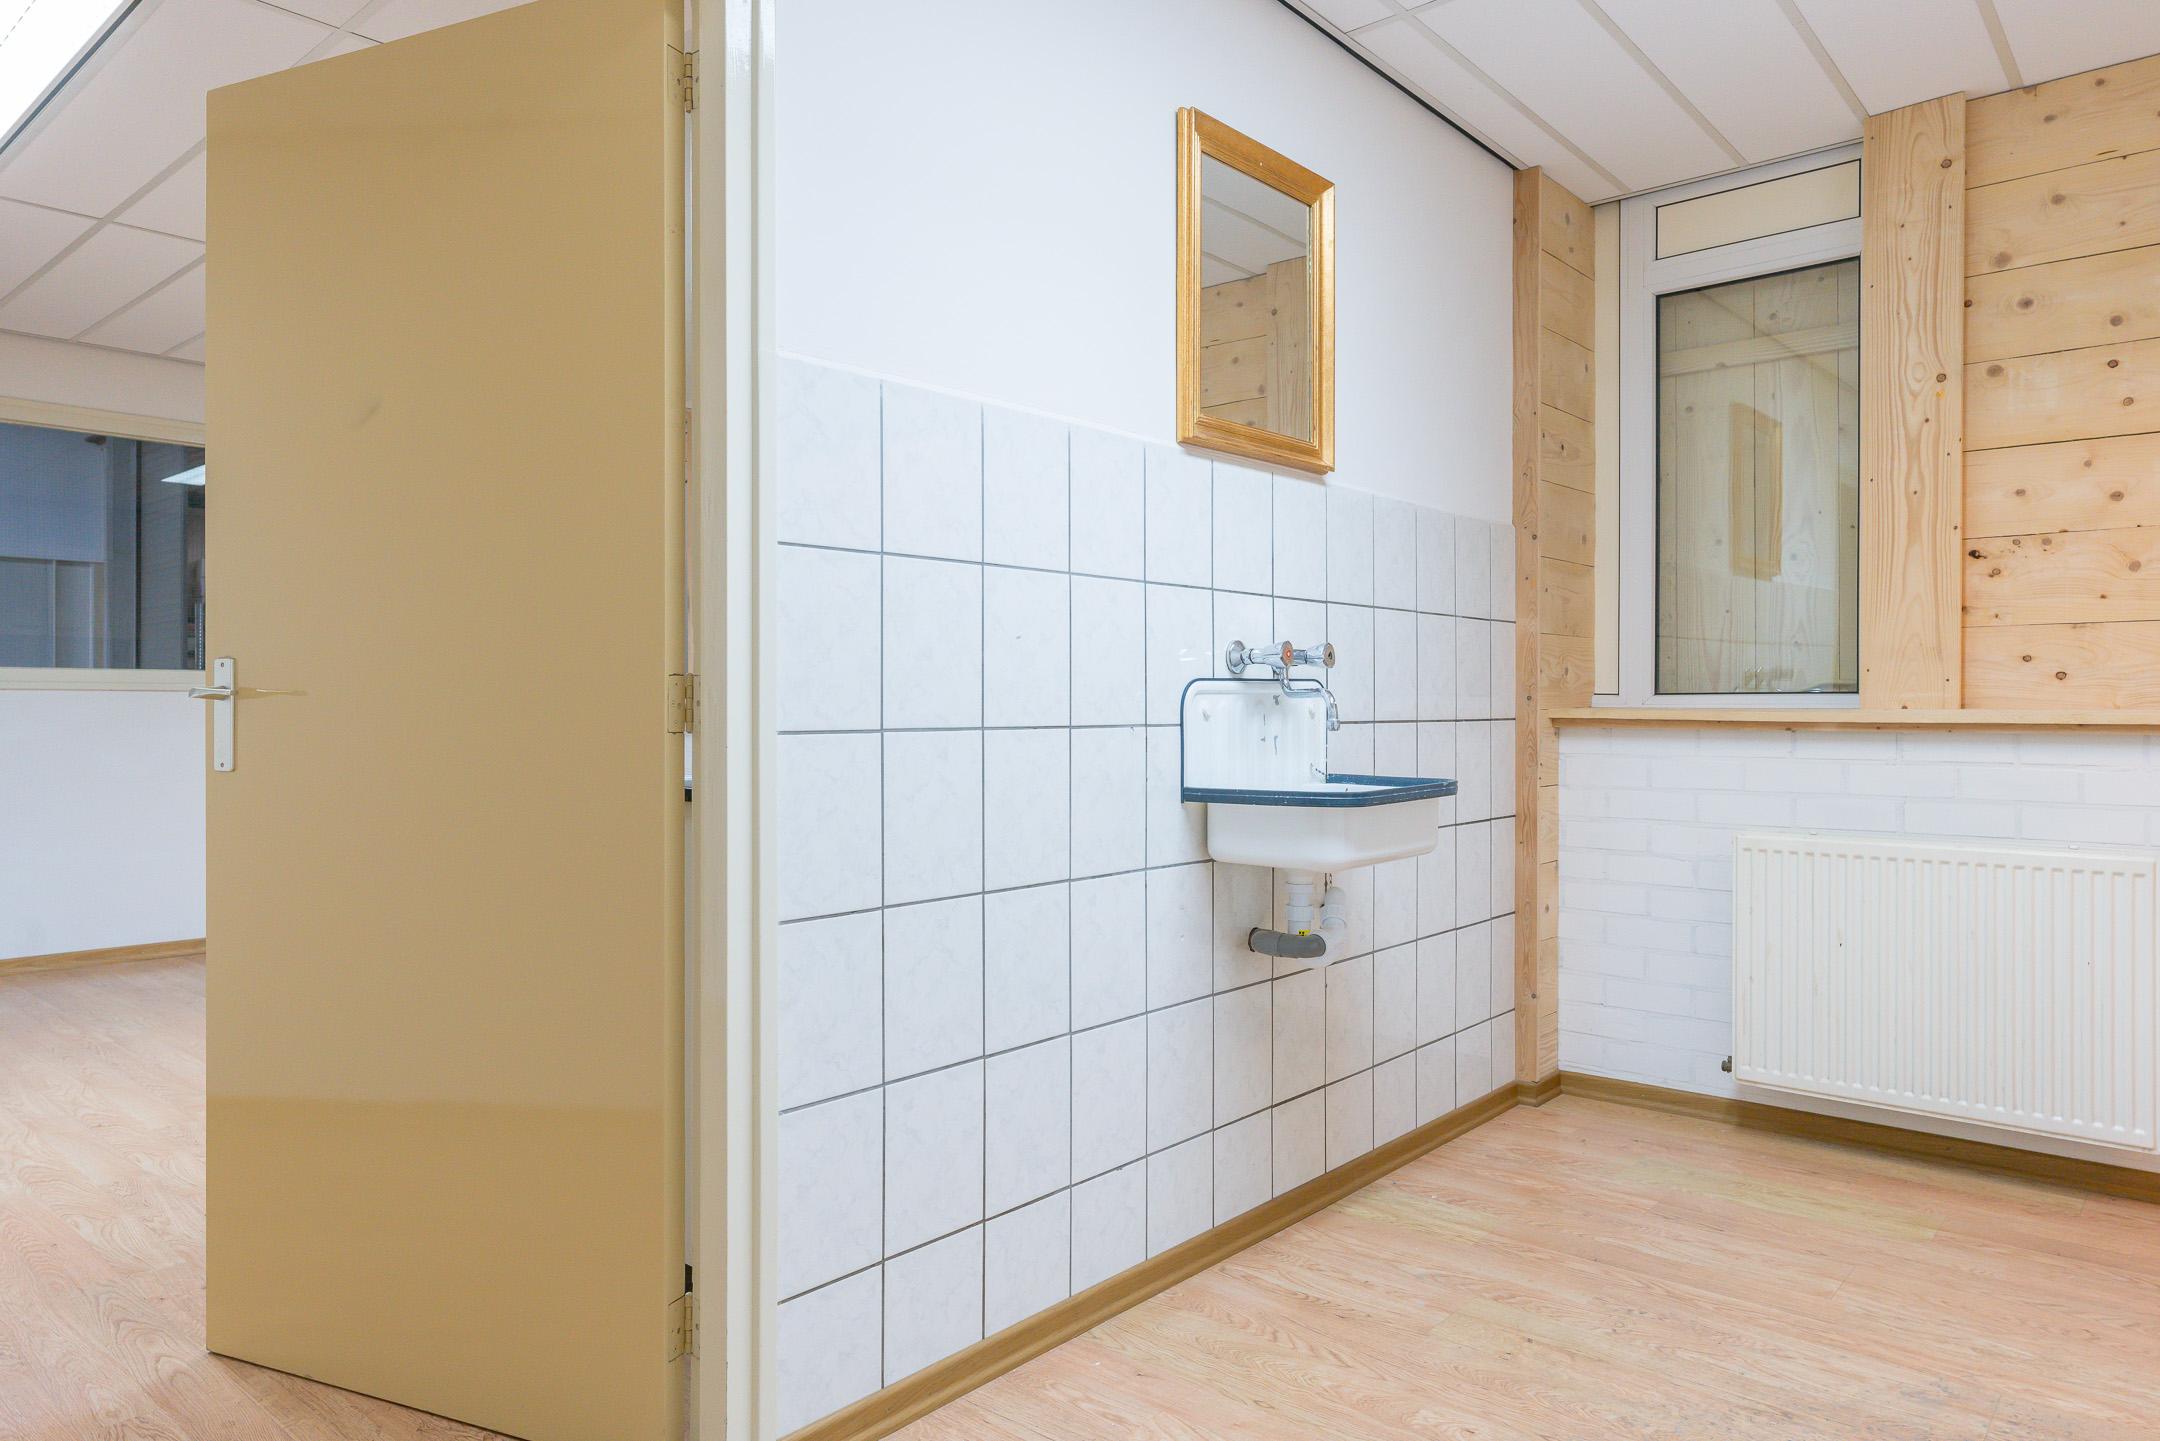 Sliemkampen,Westerbork,Drenthe,1989 Bedrooms Bedrooms,Bedrijfsonroerendgoed,1055